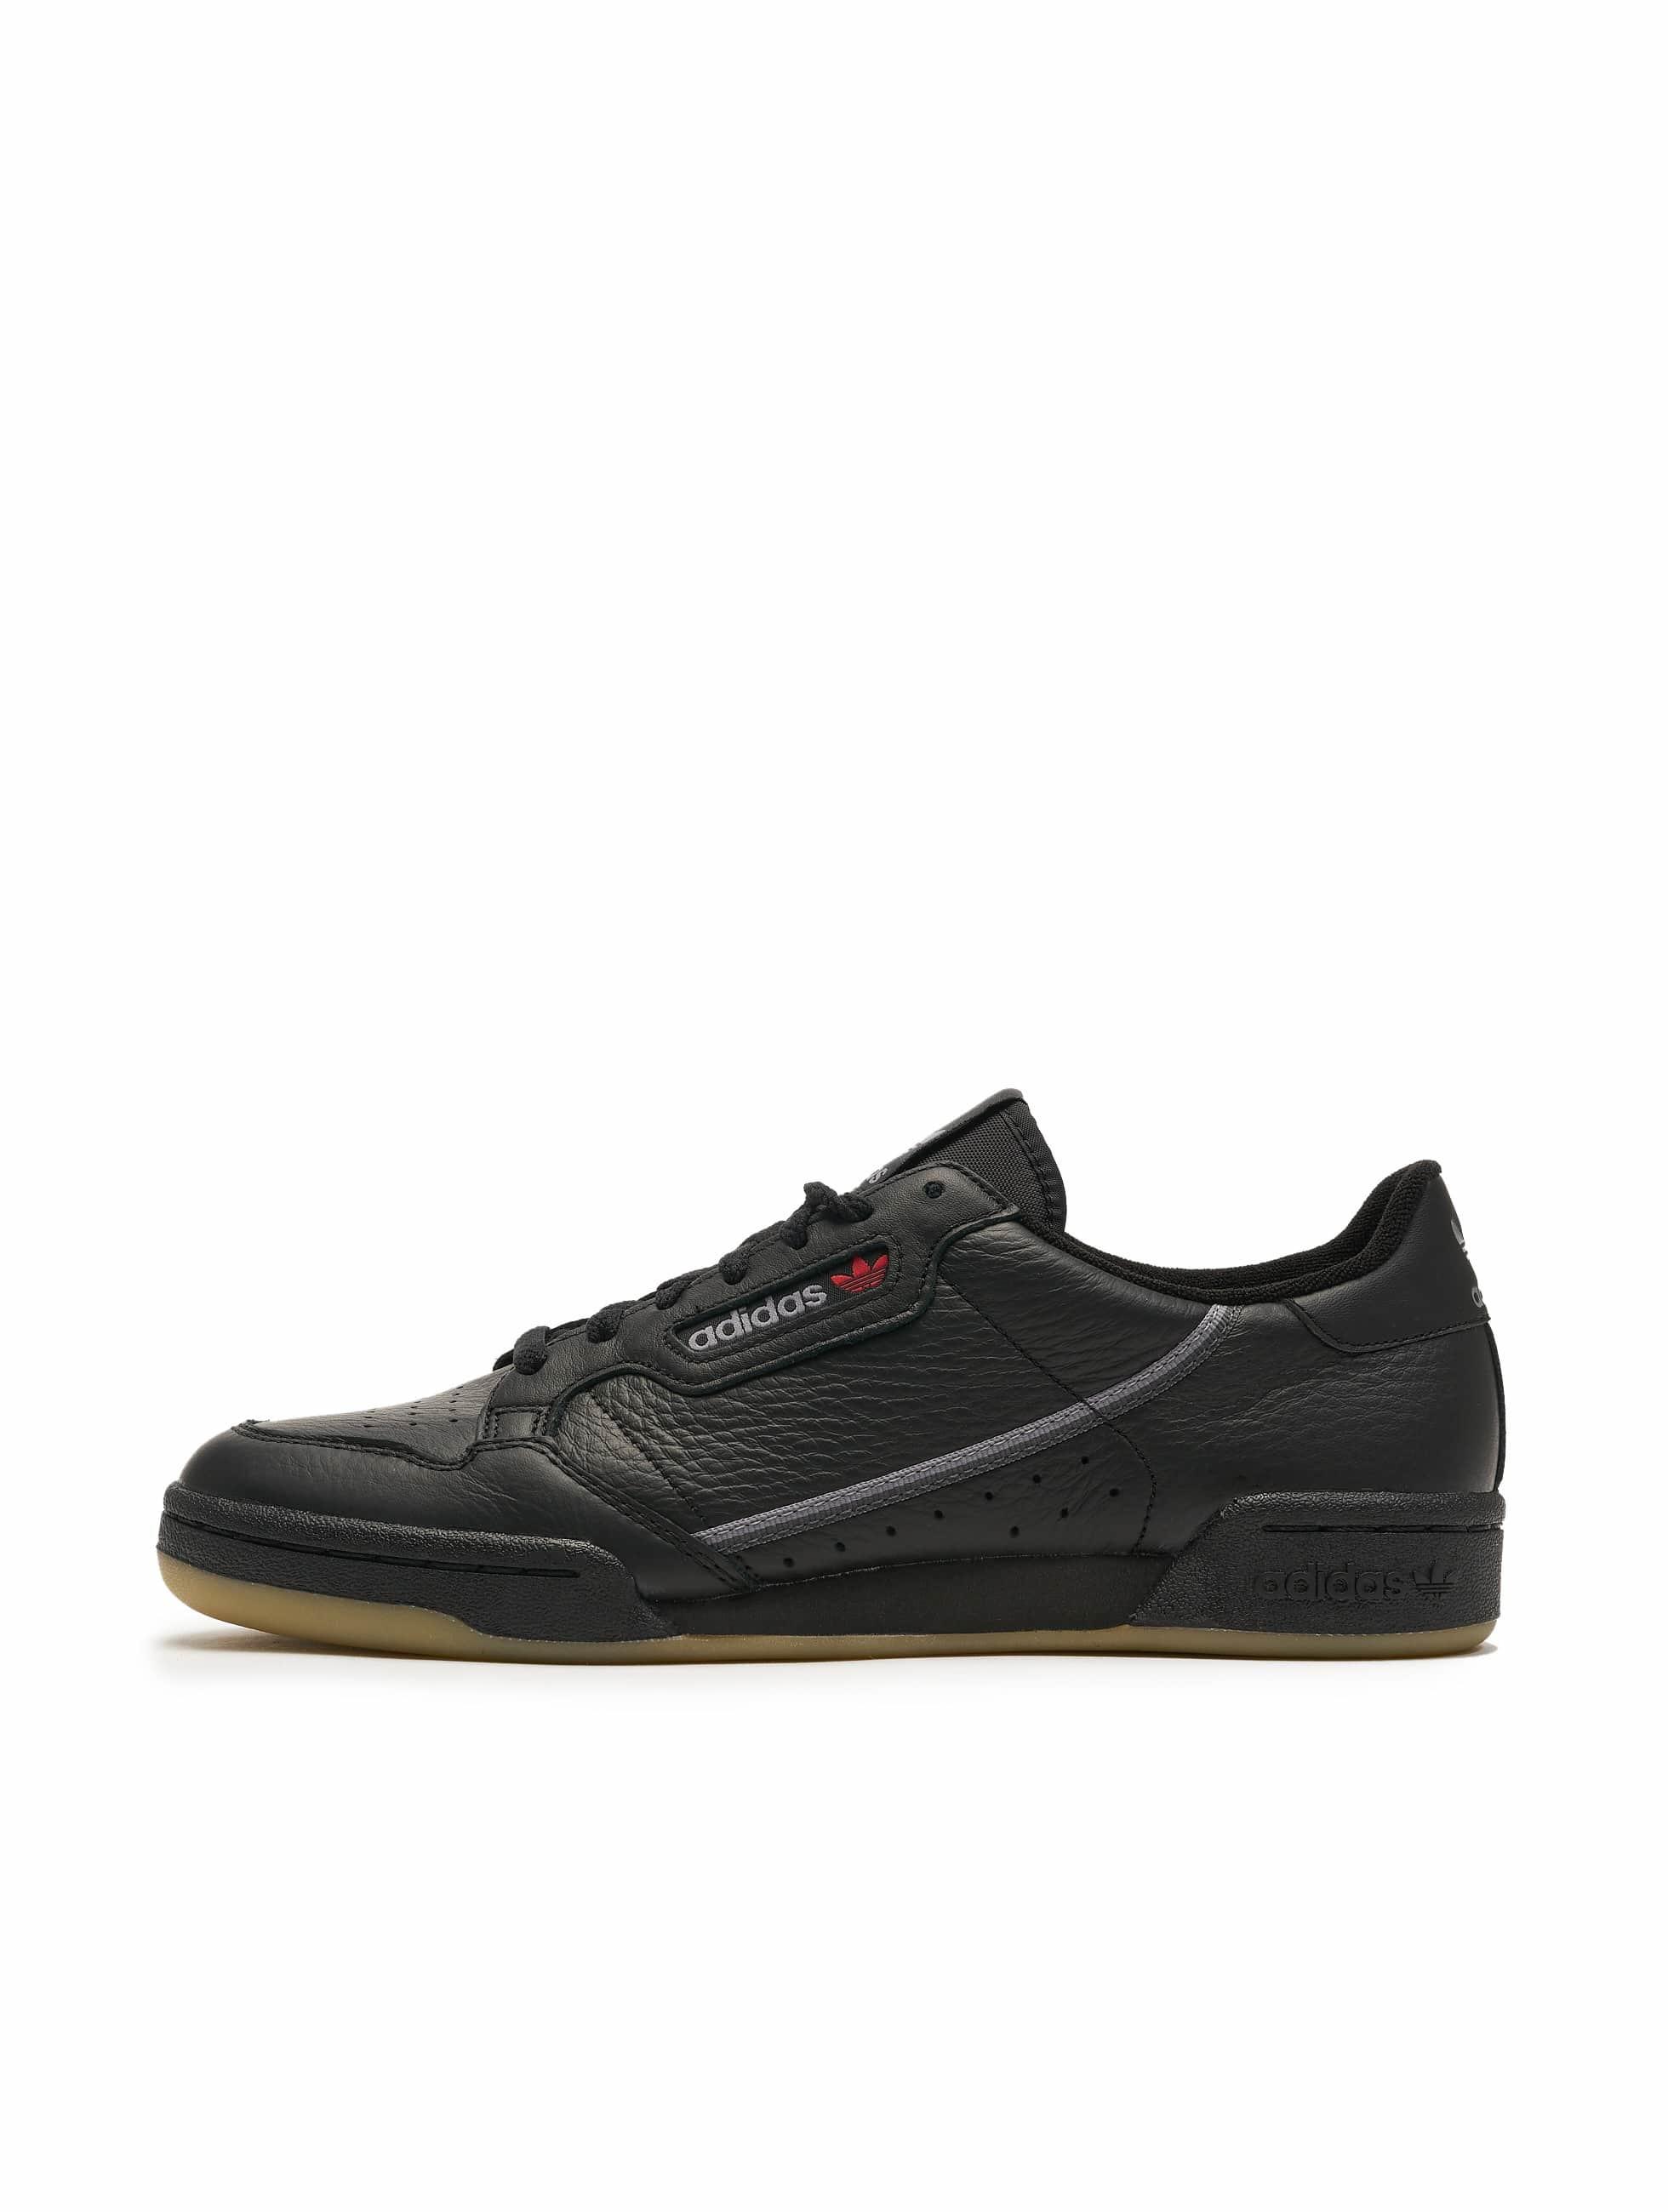 Adidas Originals Continental 80 Sneakers Core BlackGrey Three F17Gum 3